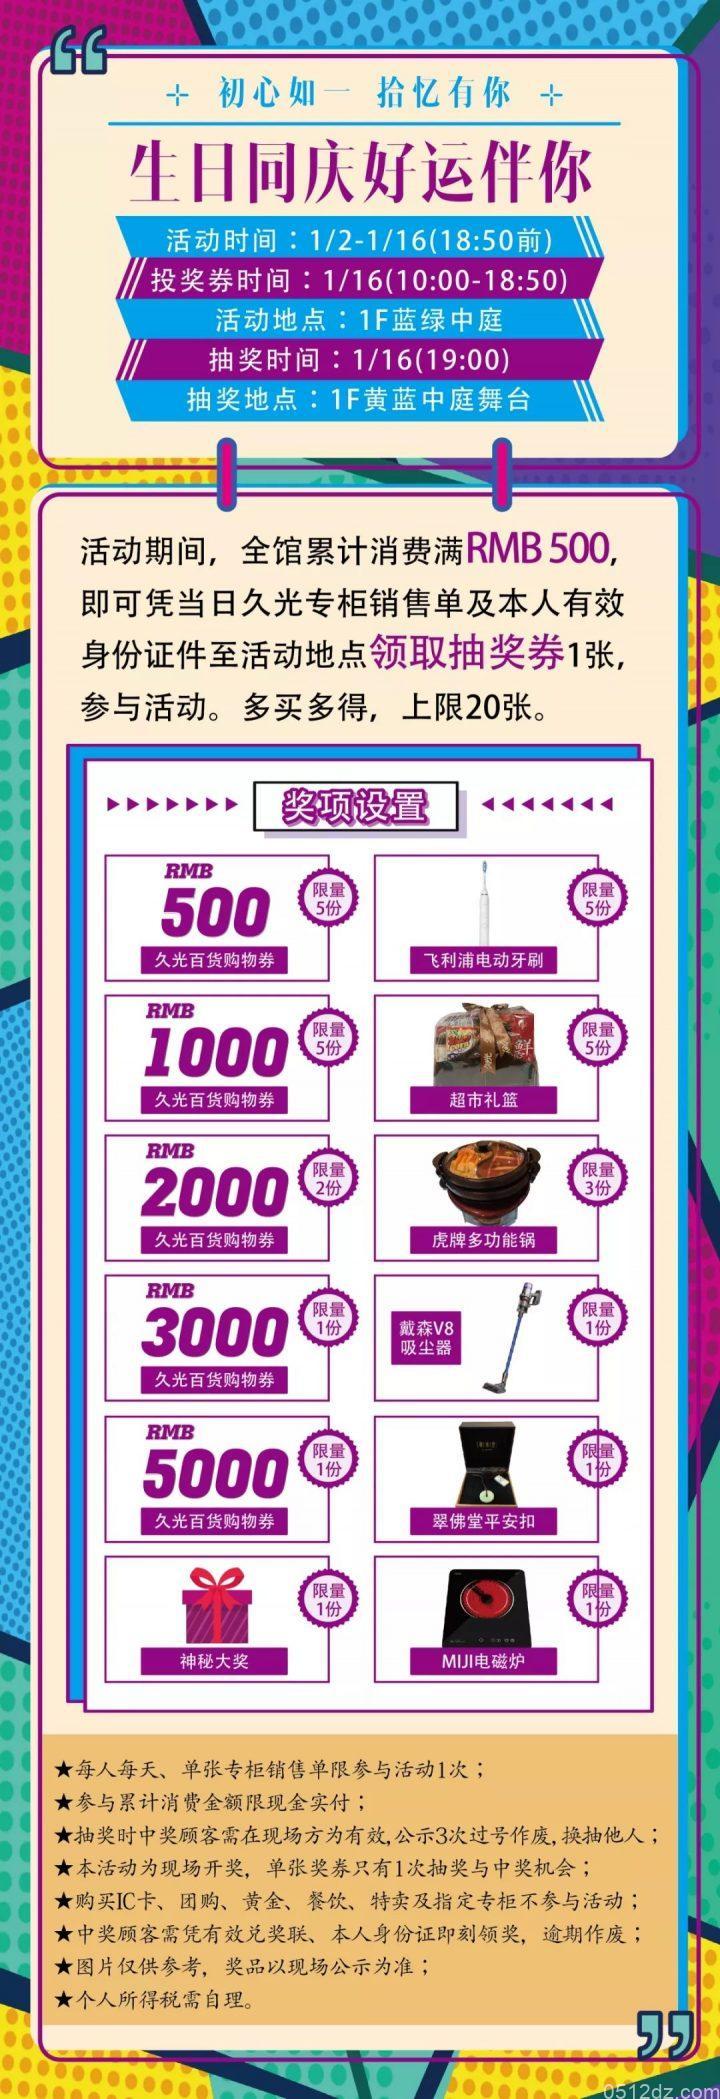 苏州久光百货11周年庆超级省钱攻略